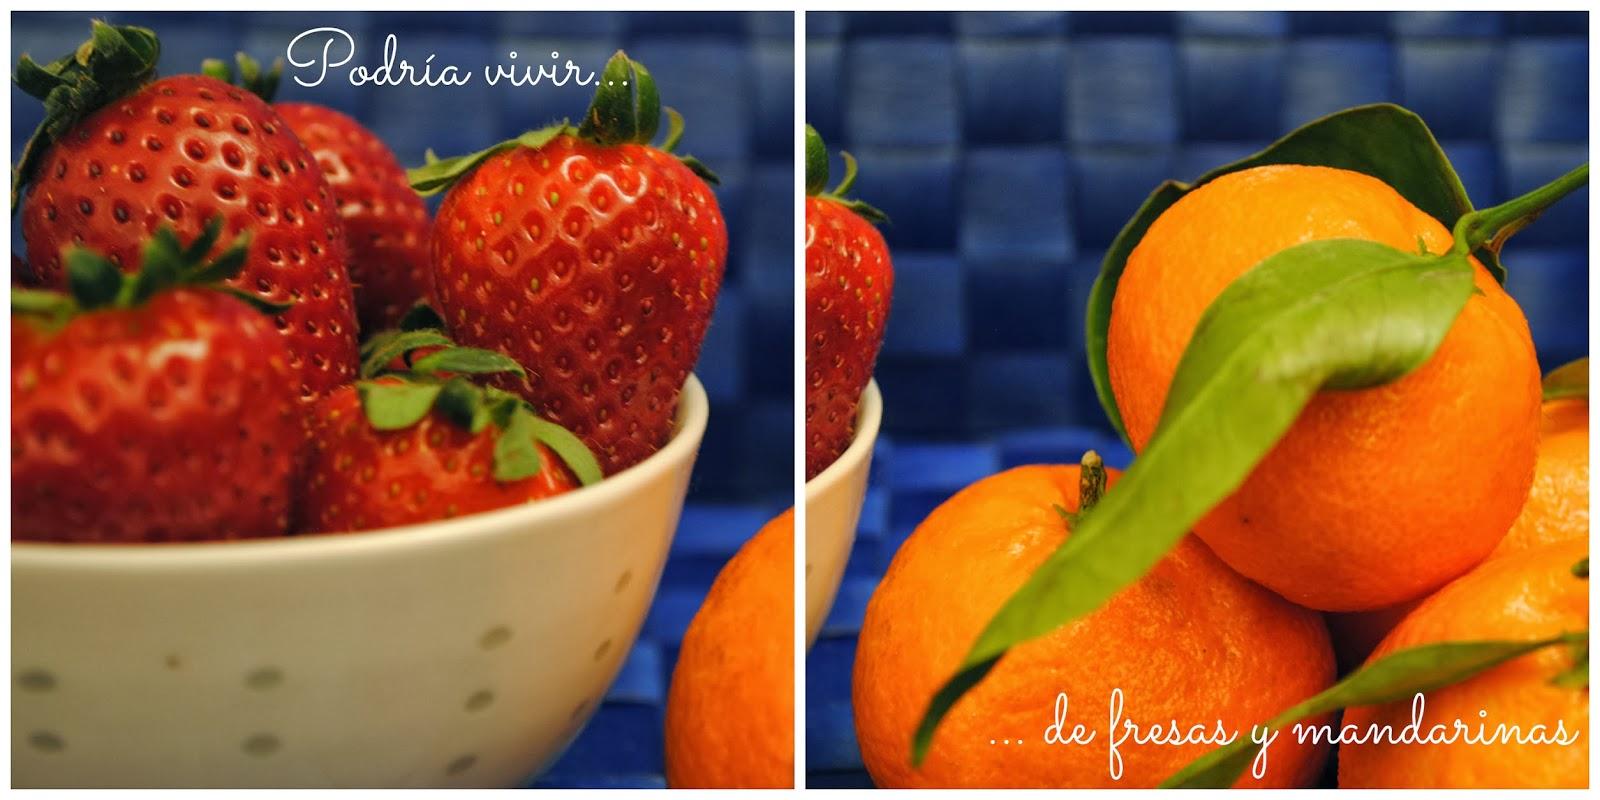 Fresas y mandarinas